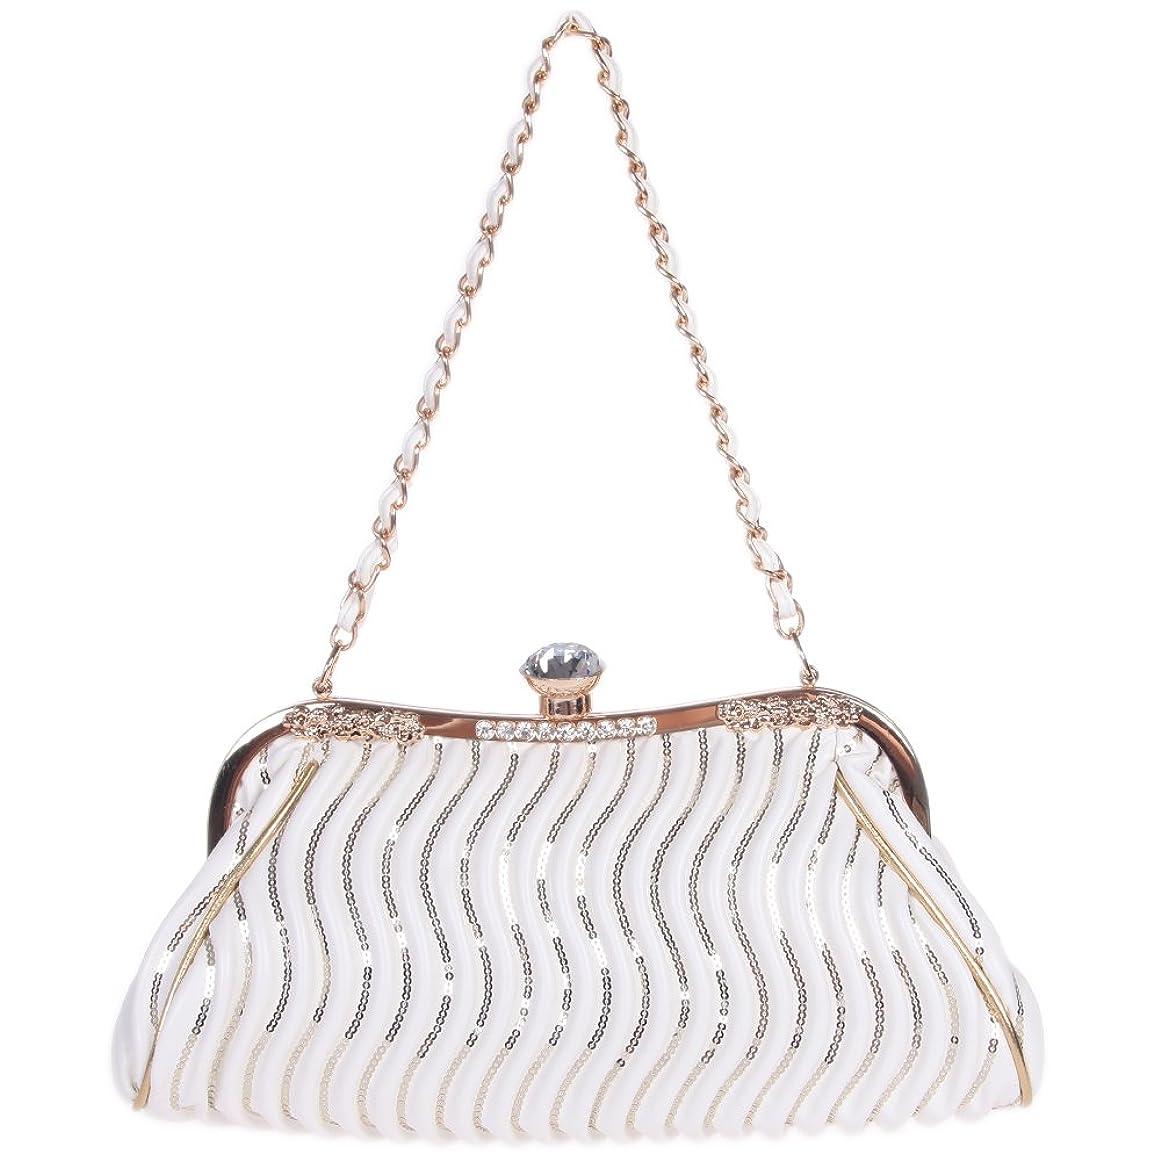 もう一度治世アスペクト(ファウジーヤ) Fawziya スパンコール大きなダイヤモンド付き2way ハンドバッグ ミニ ショルダーバッグ